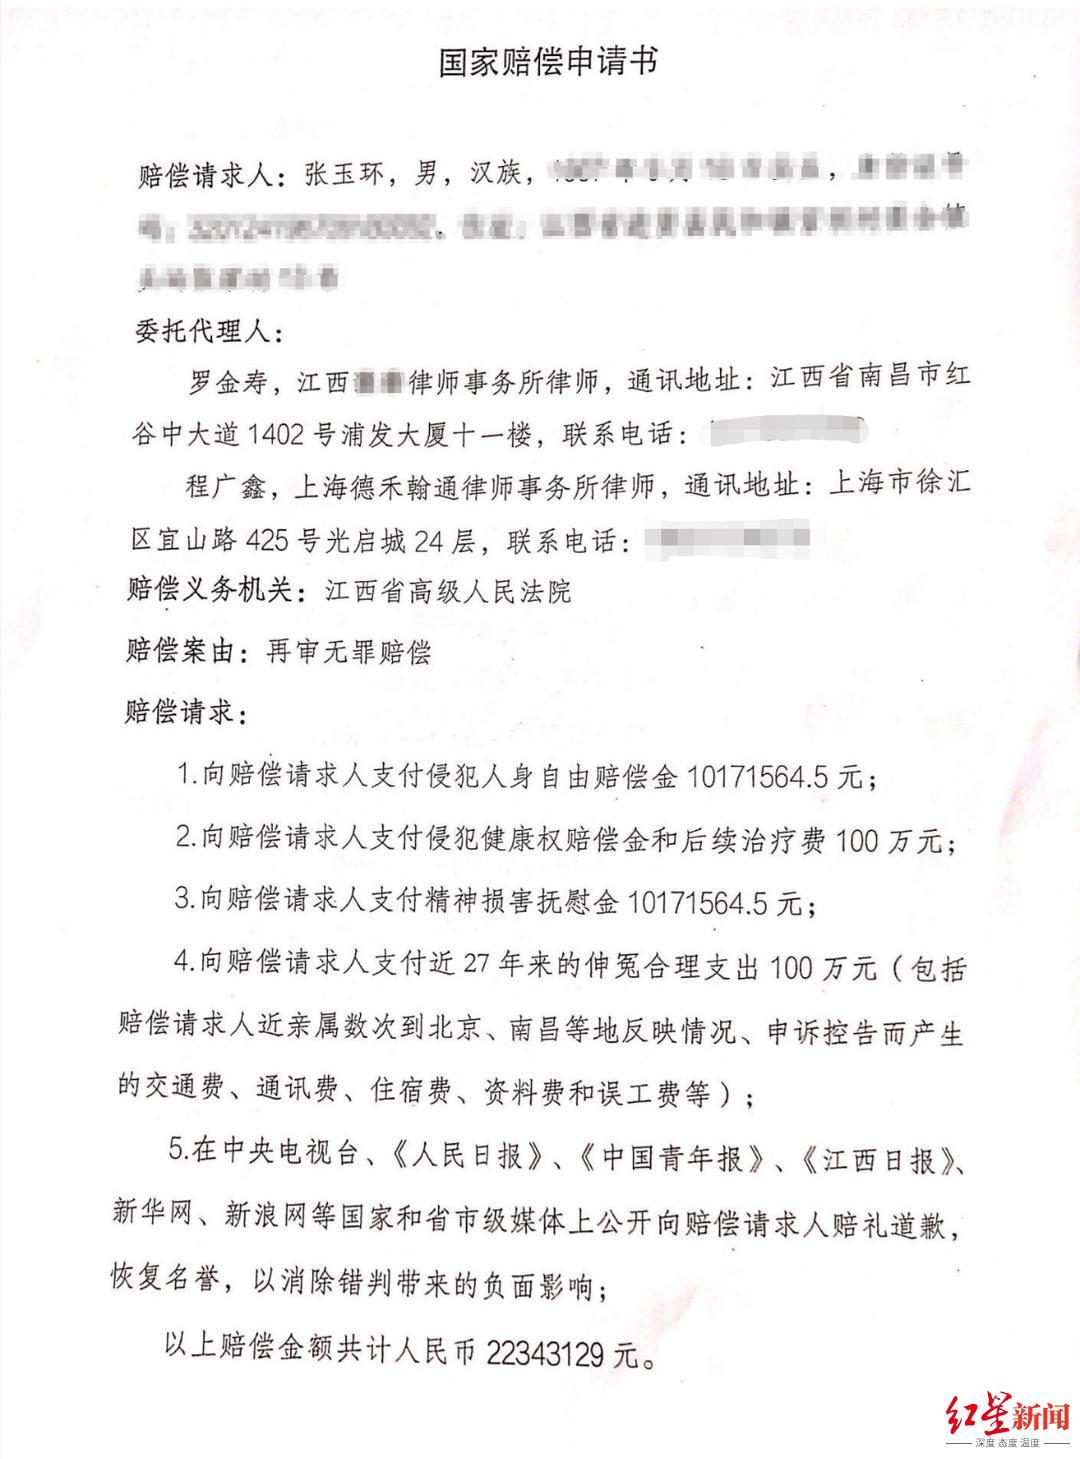 【芜湖楼凤验证】_张玉环申请国家赔偿2234余万元 要求江西高院公开赔礼道歉